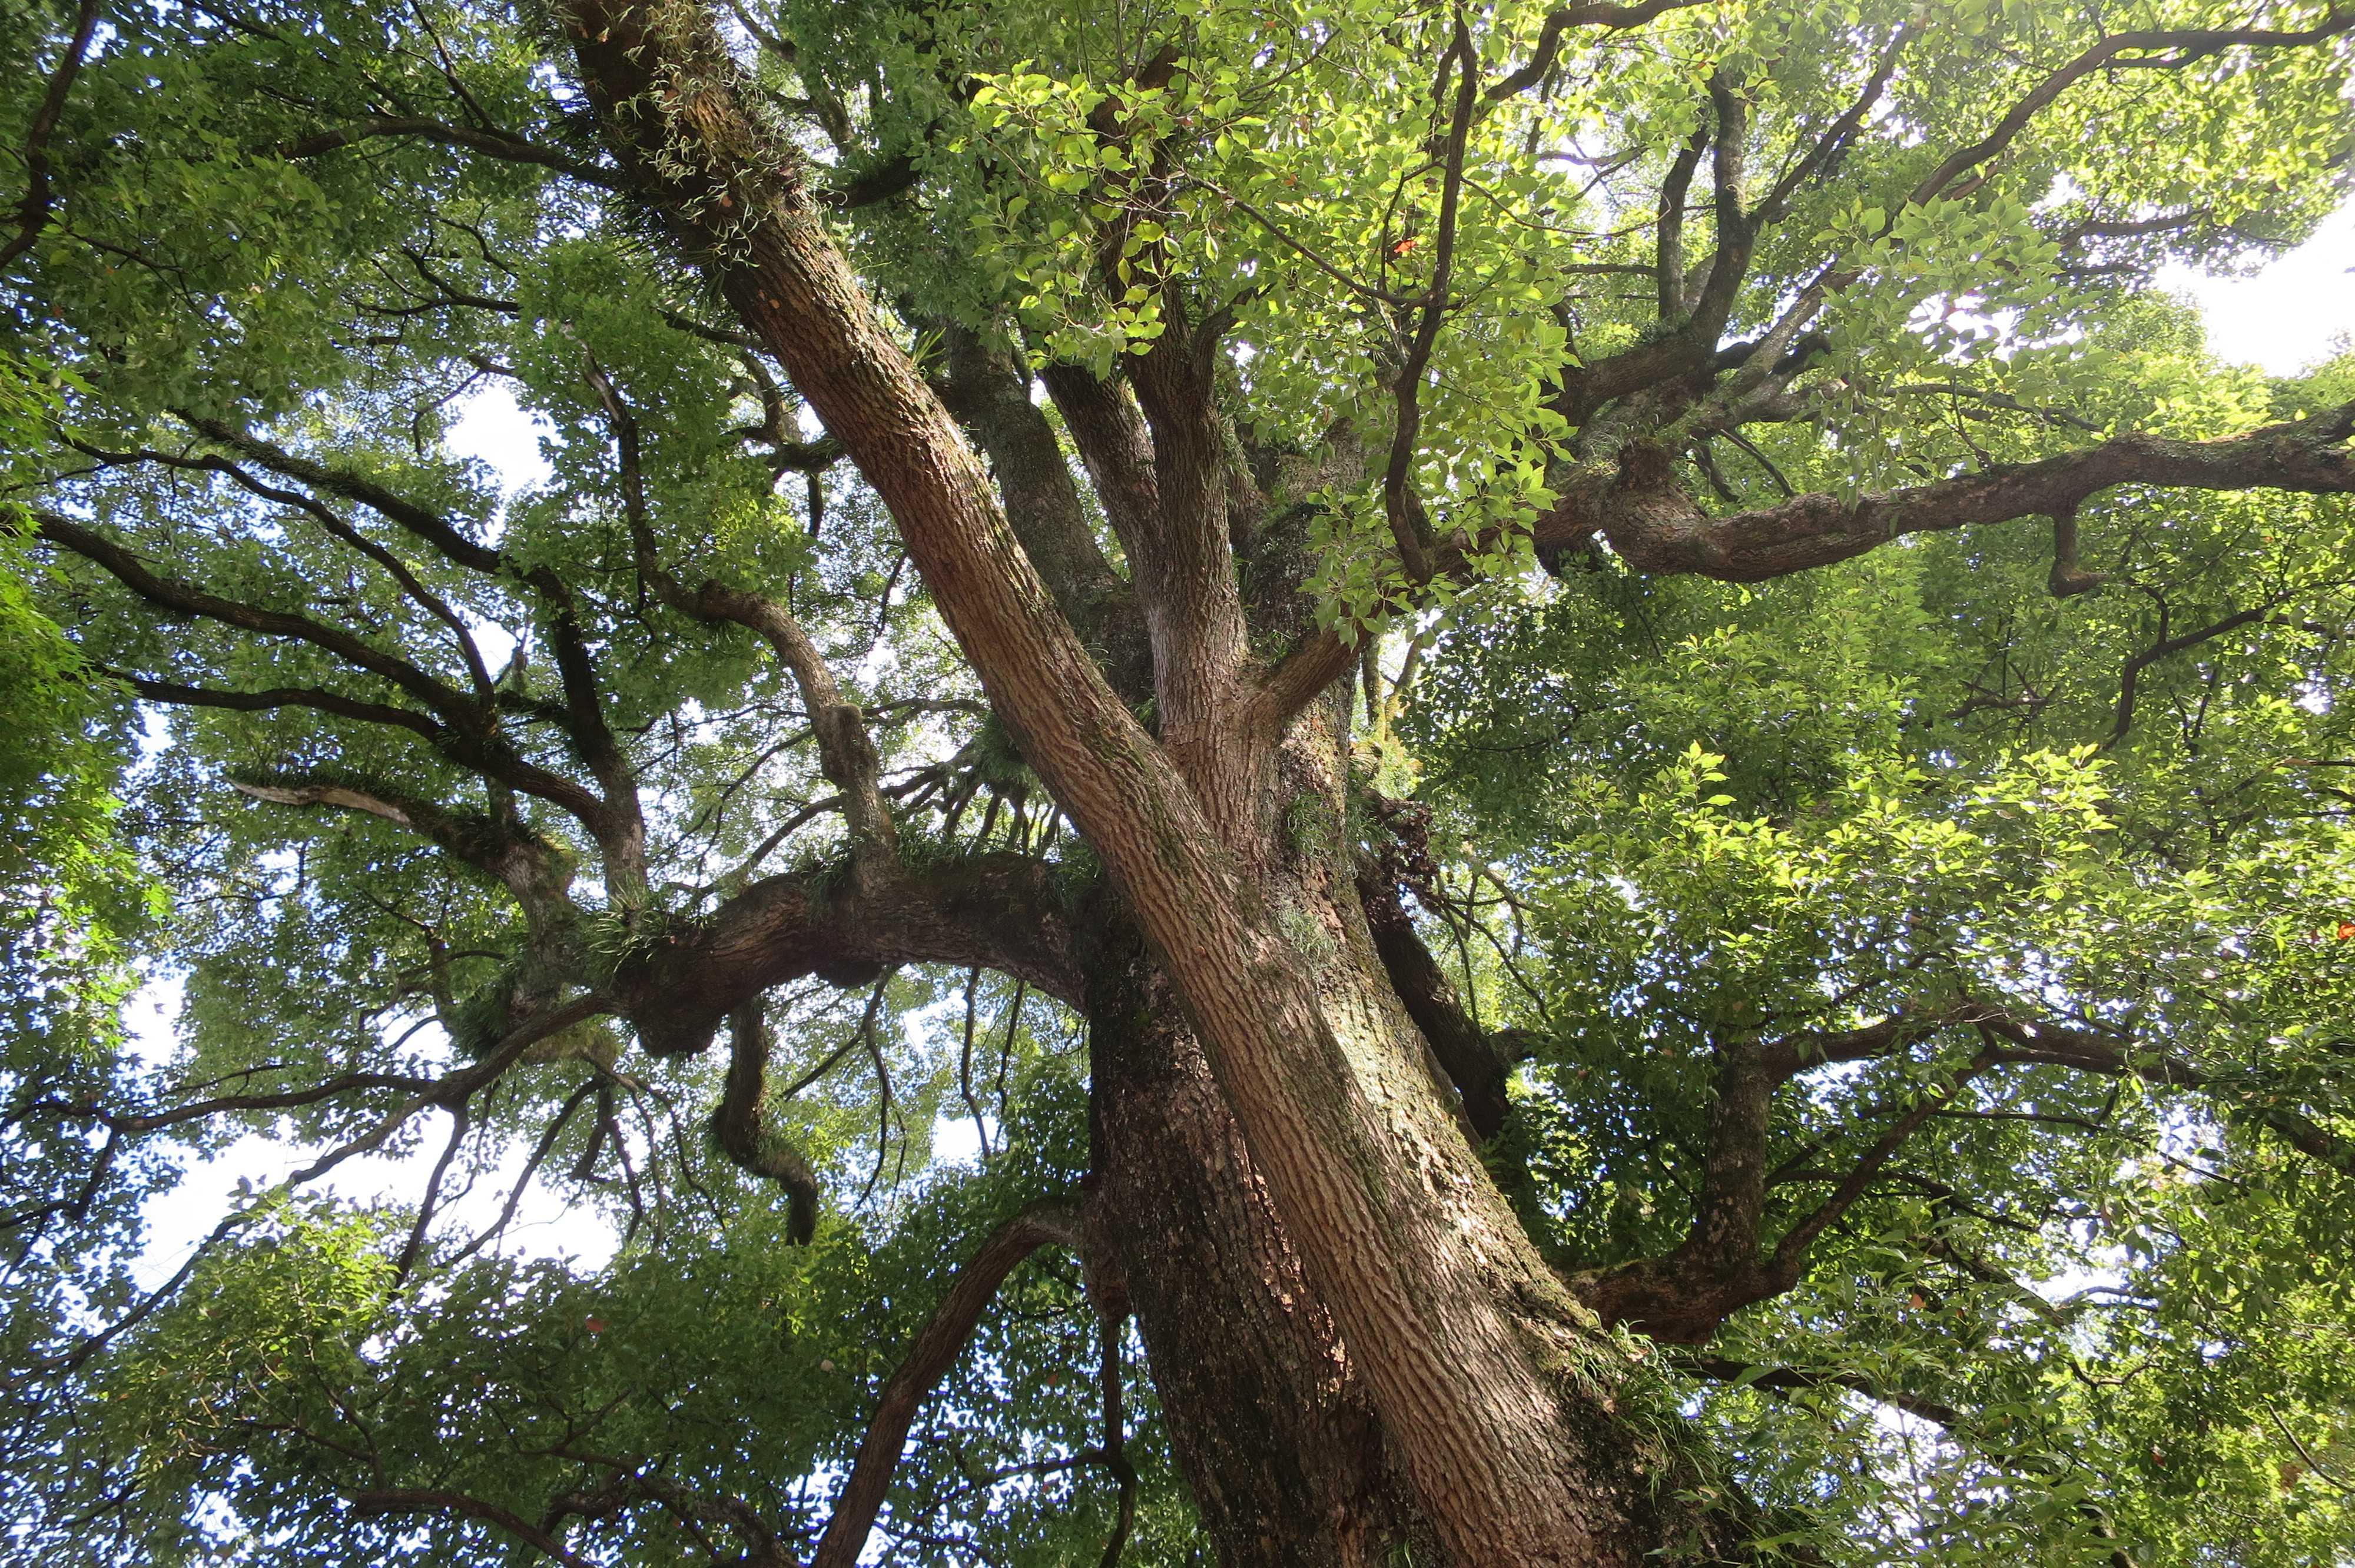 無量光寺 - 大樹のみなぎる生命力